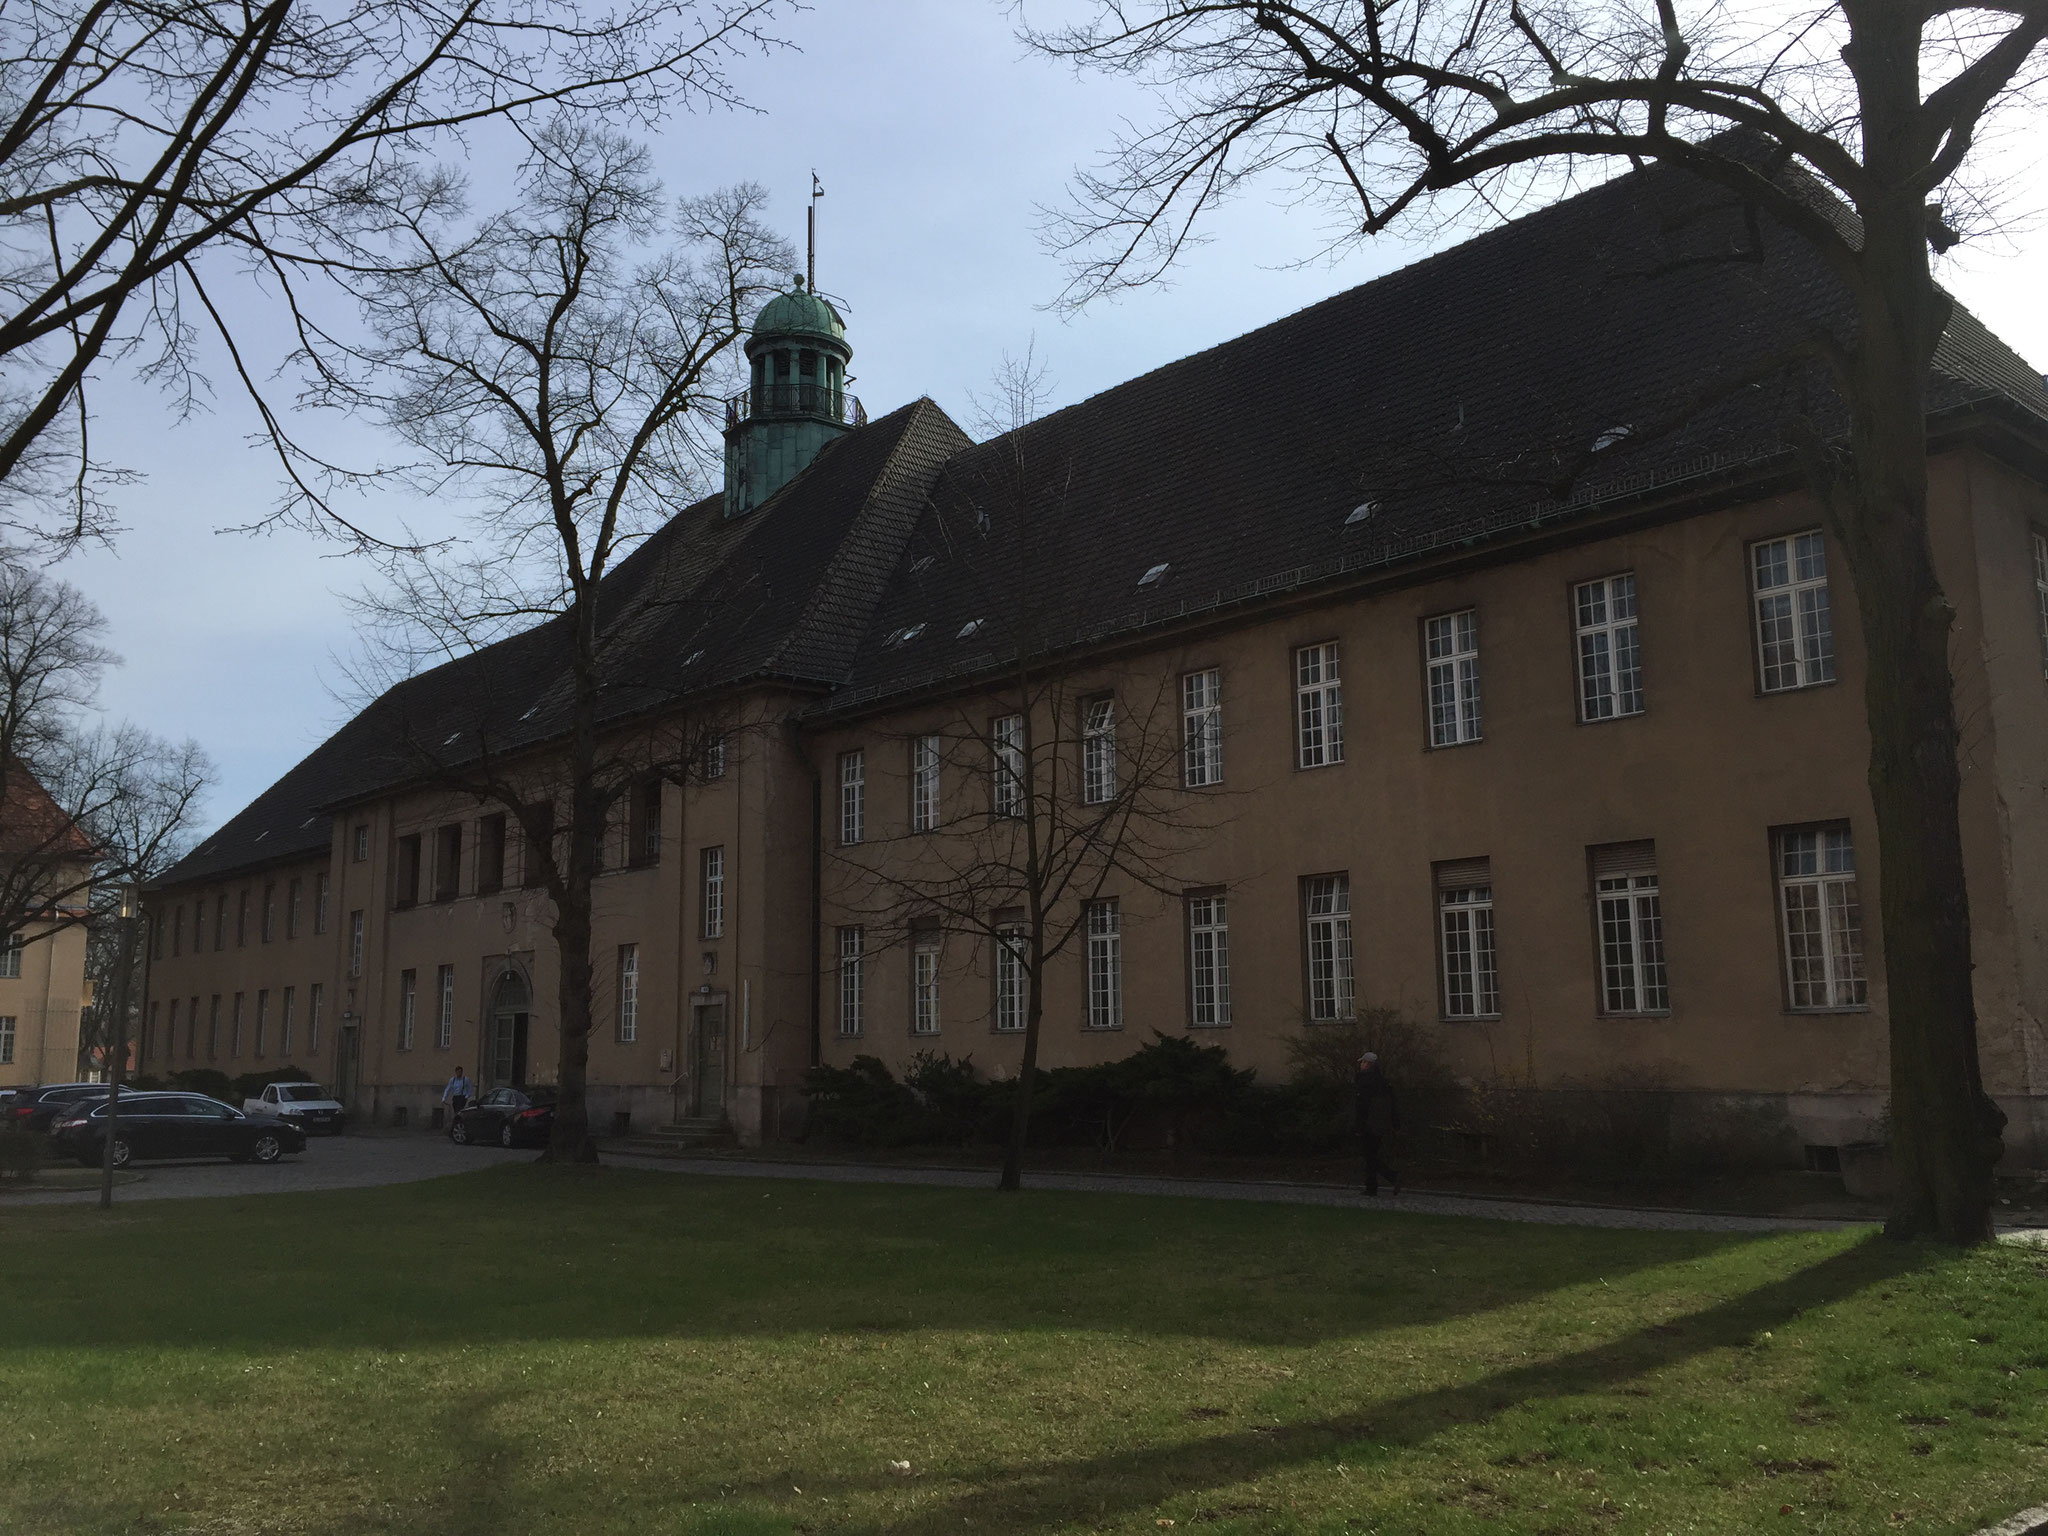 Ludwig-HOFFMANN-Quartier - Hier entstehen 27 Wohneinheiten von 33-50 qm Wohnfläche ! (Denkmalsanierung)